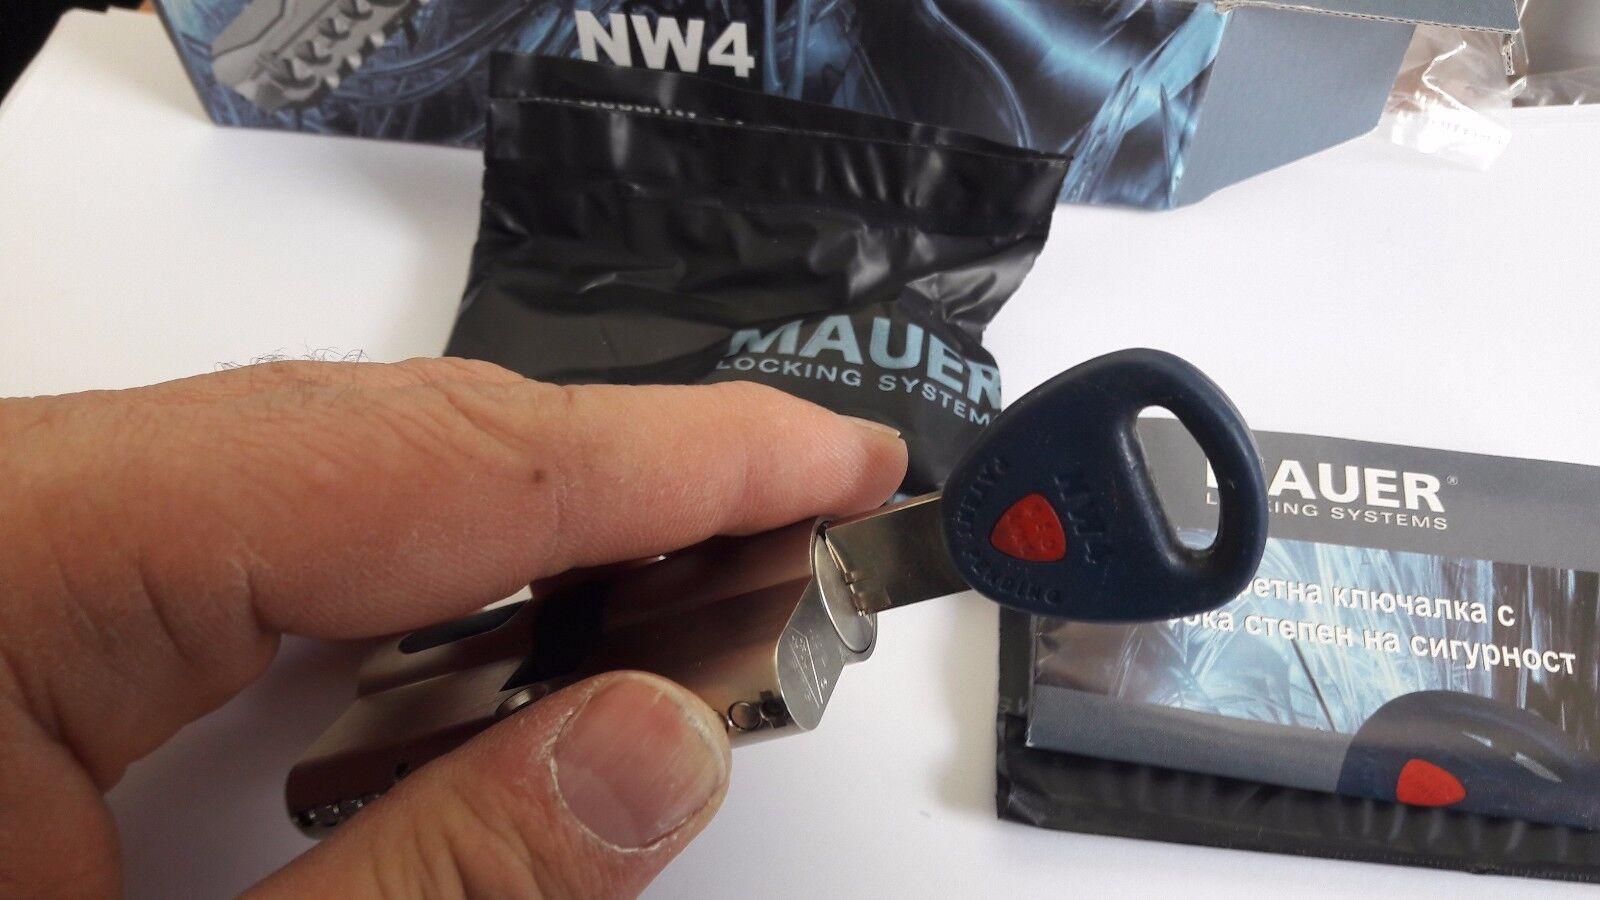 MAUER NW4 SKG .Sicherheits-Schließzylinder Mit 3 Schlüssel  | Preisreduktion  | Billig  | Moderner Modus  | Neues Design